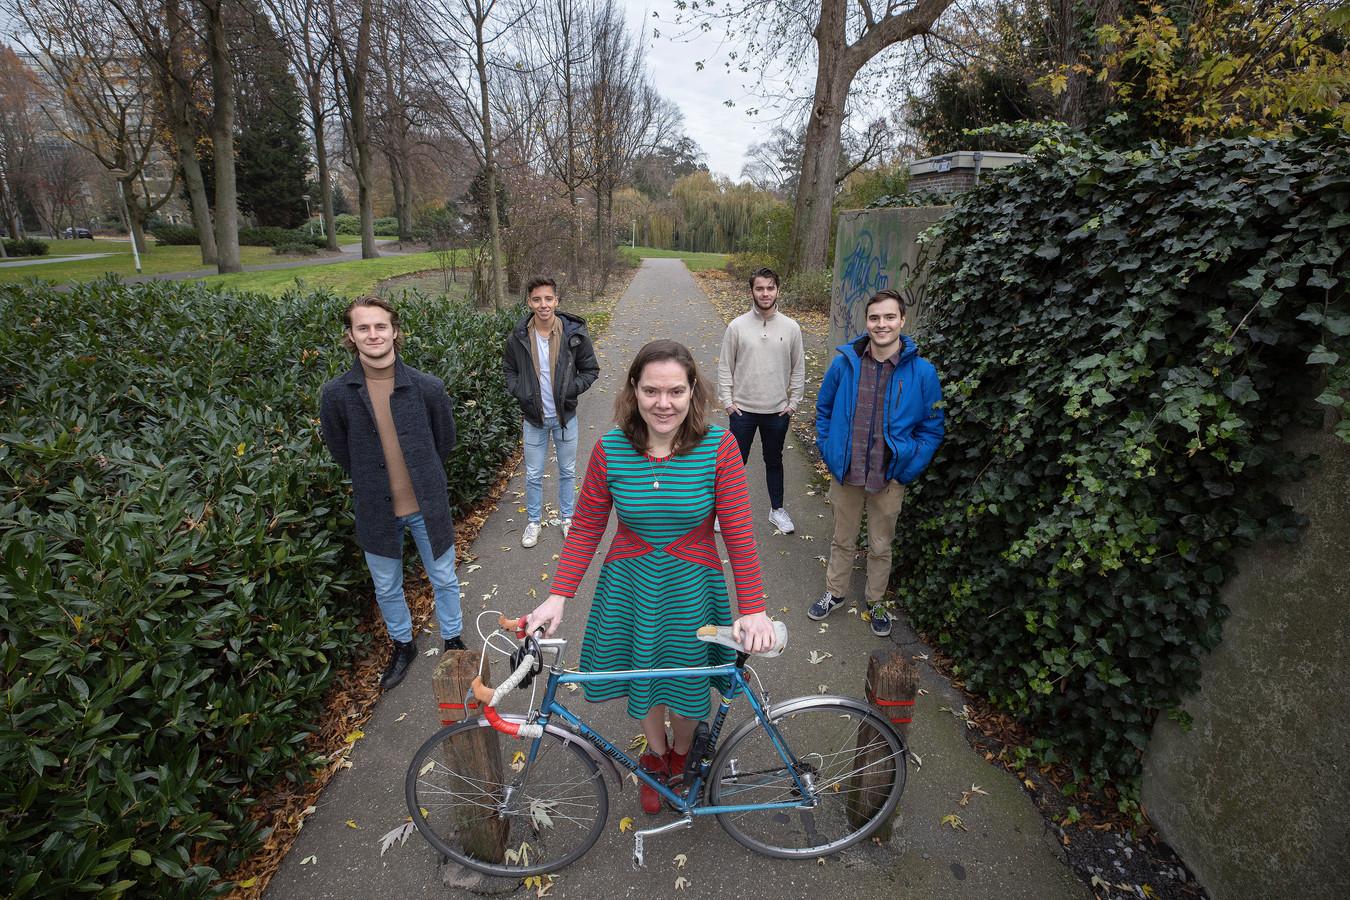 Emilie Rozendaal met achter haar Floris Schilders, Huub Tinnemans, Willem van Waterschoot en haar zoon Aart Rozendaal (v.l.n.r).